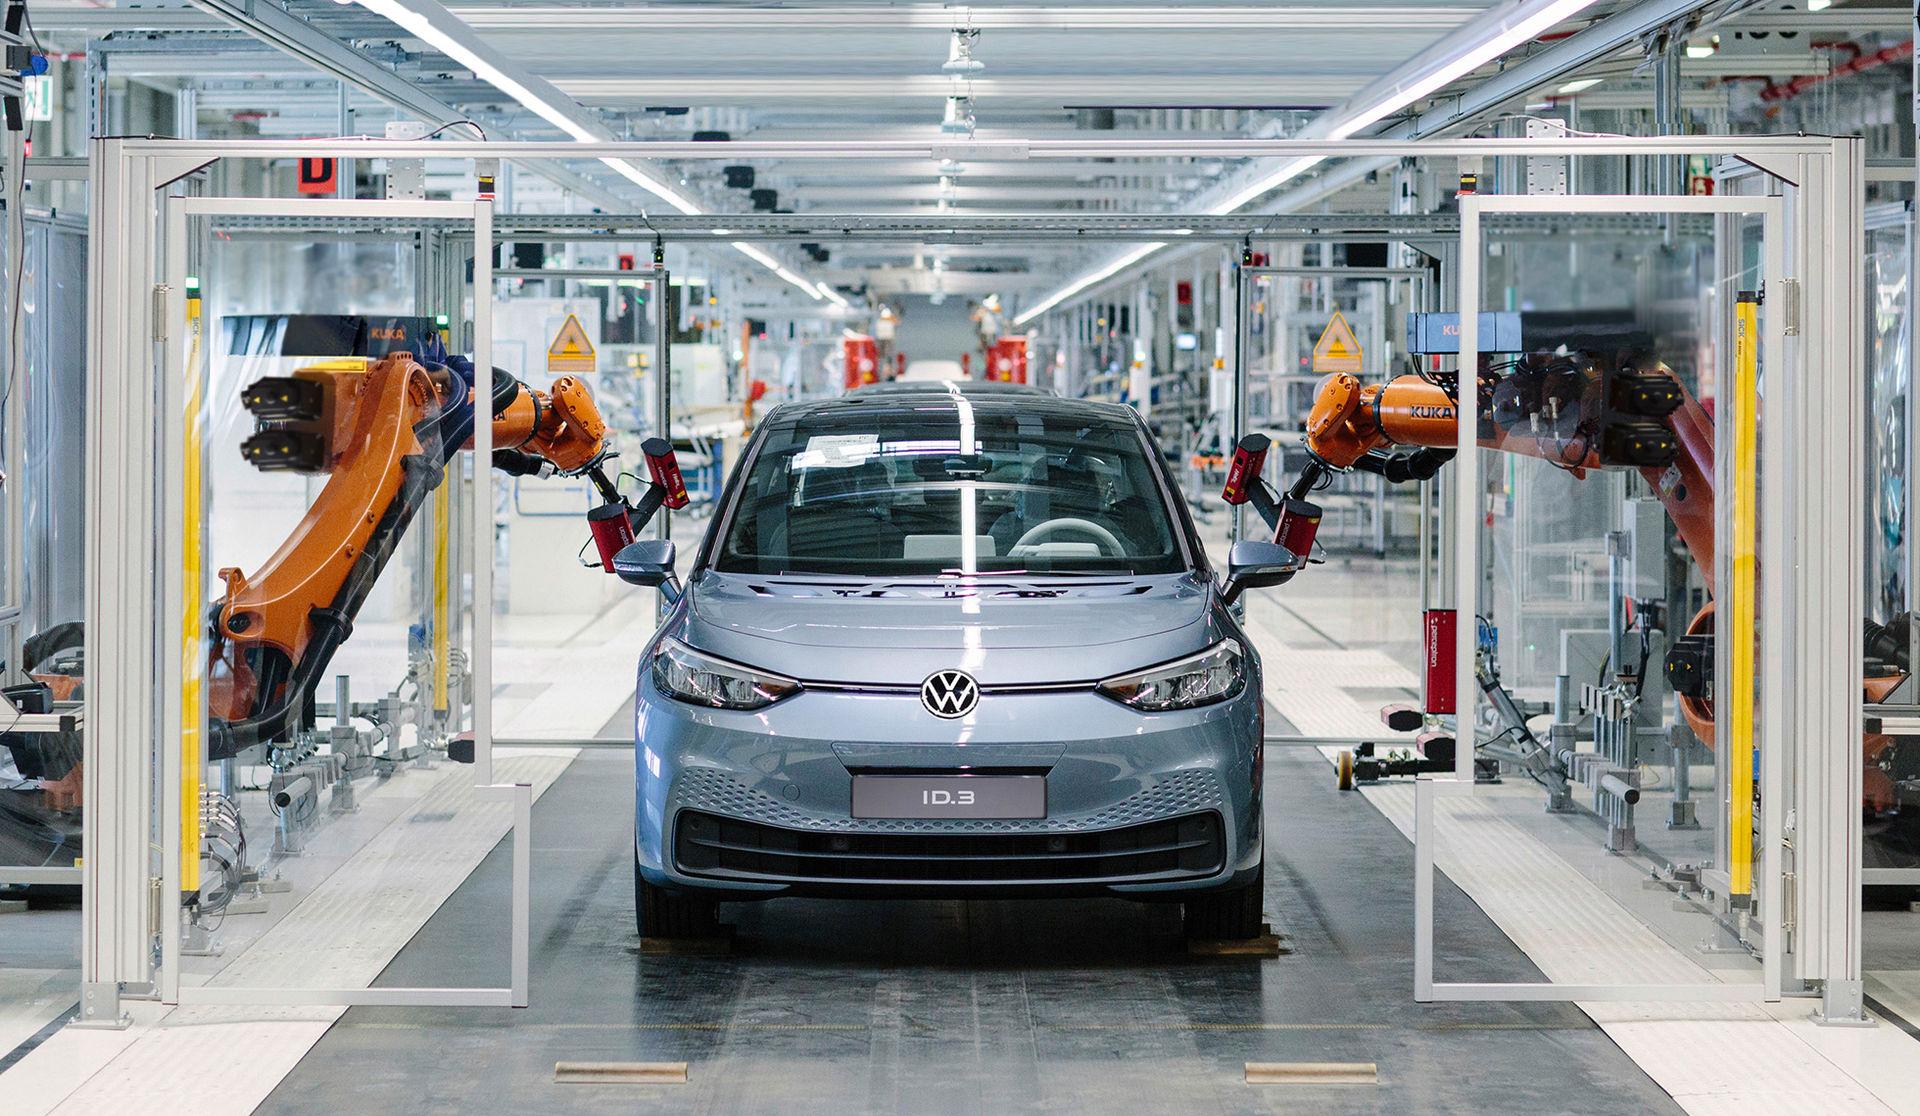 Tillverkningen av Volkswagen ID.3 har börjat